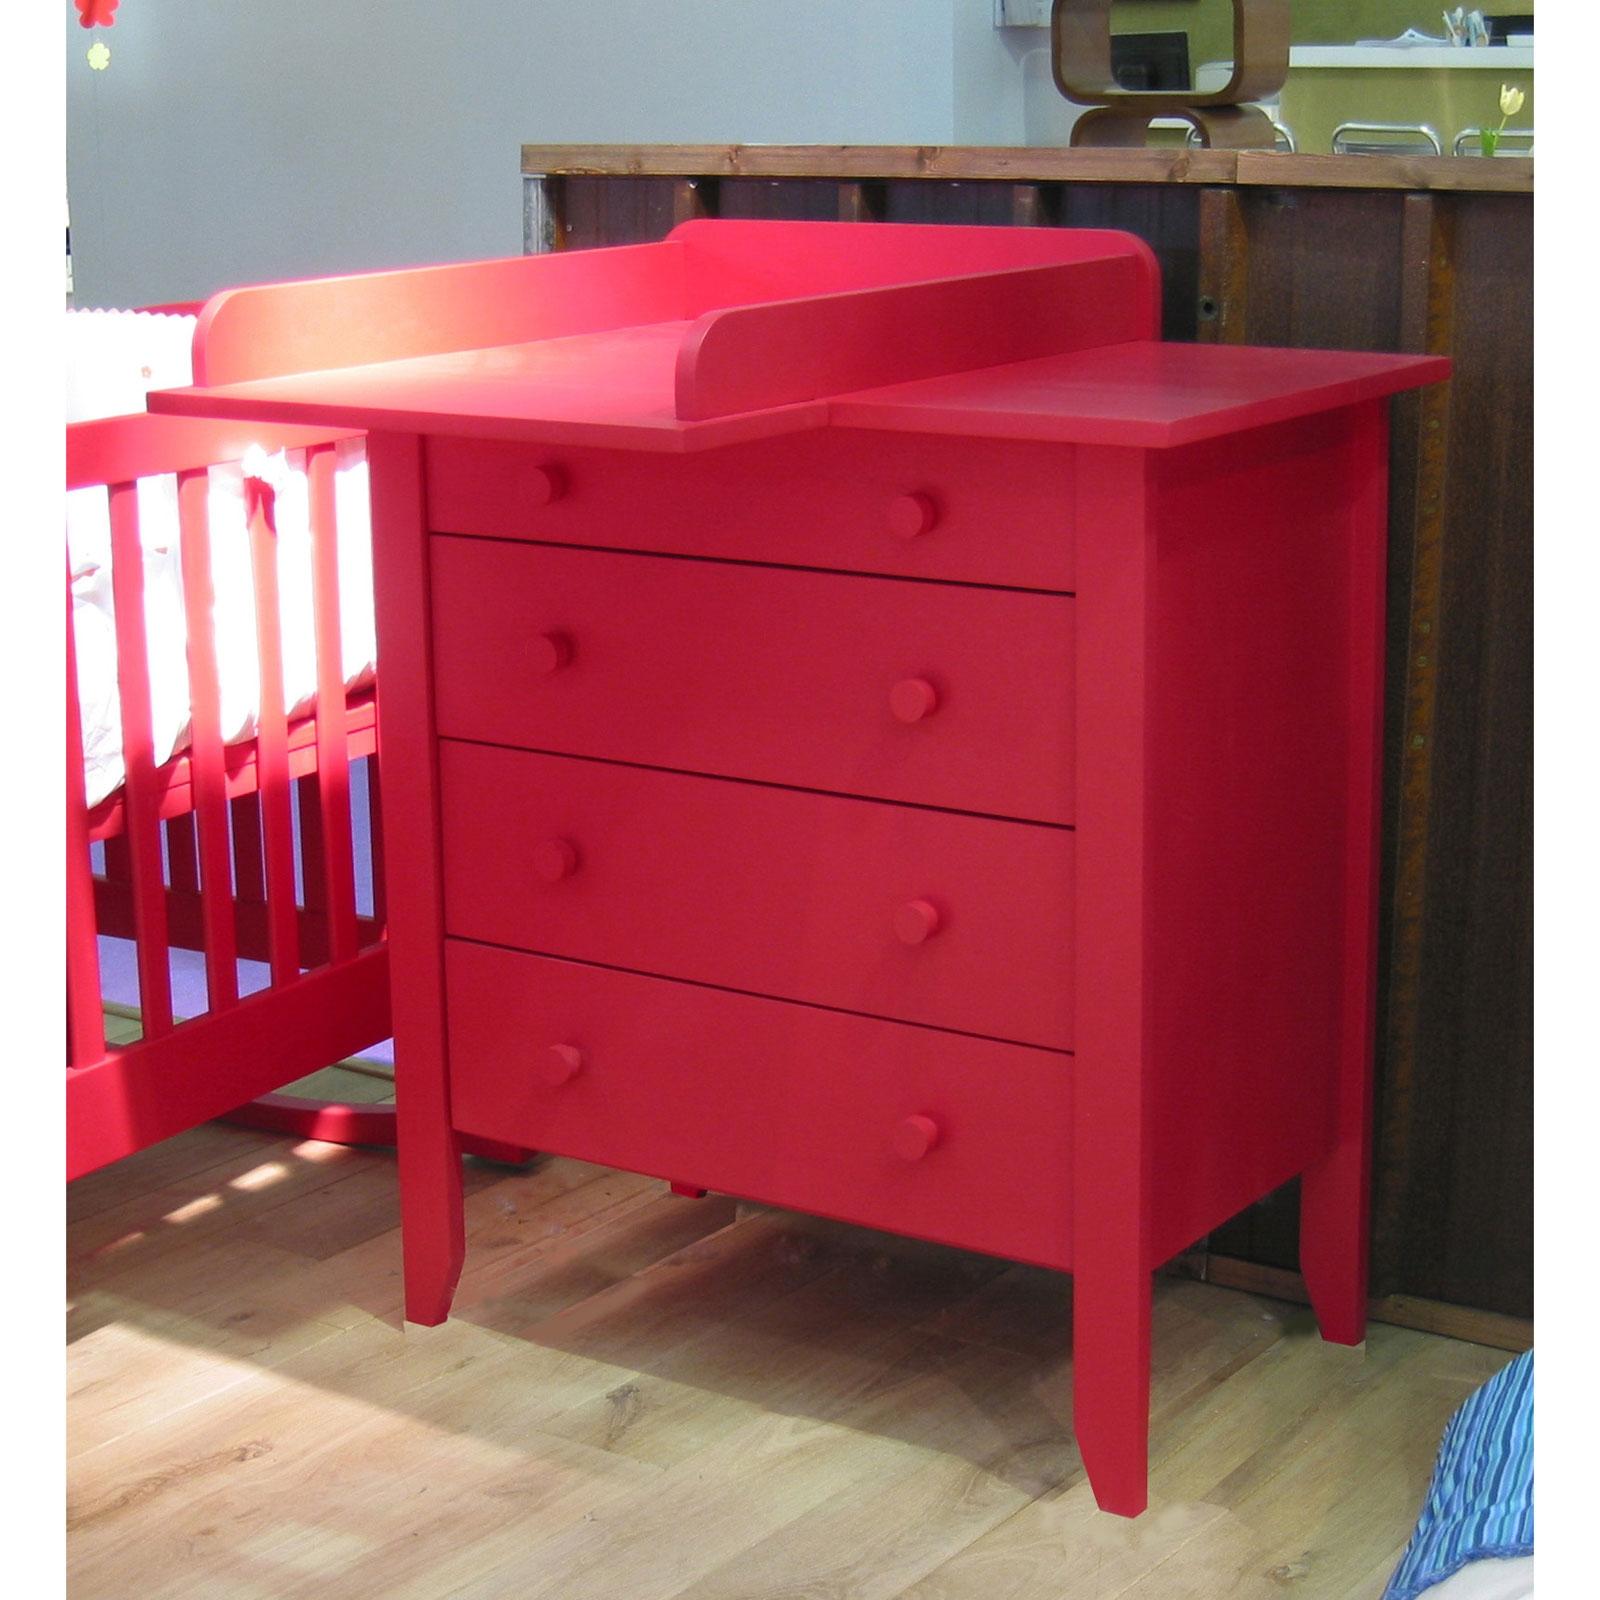 Chambre volutive mobilier durable berceau magique for Table a langer commode carrefour